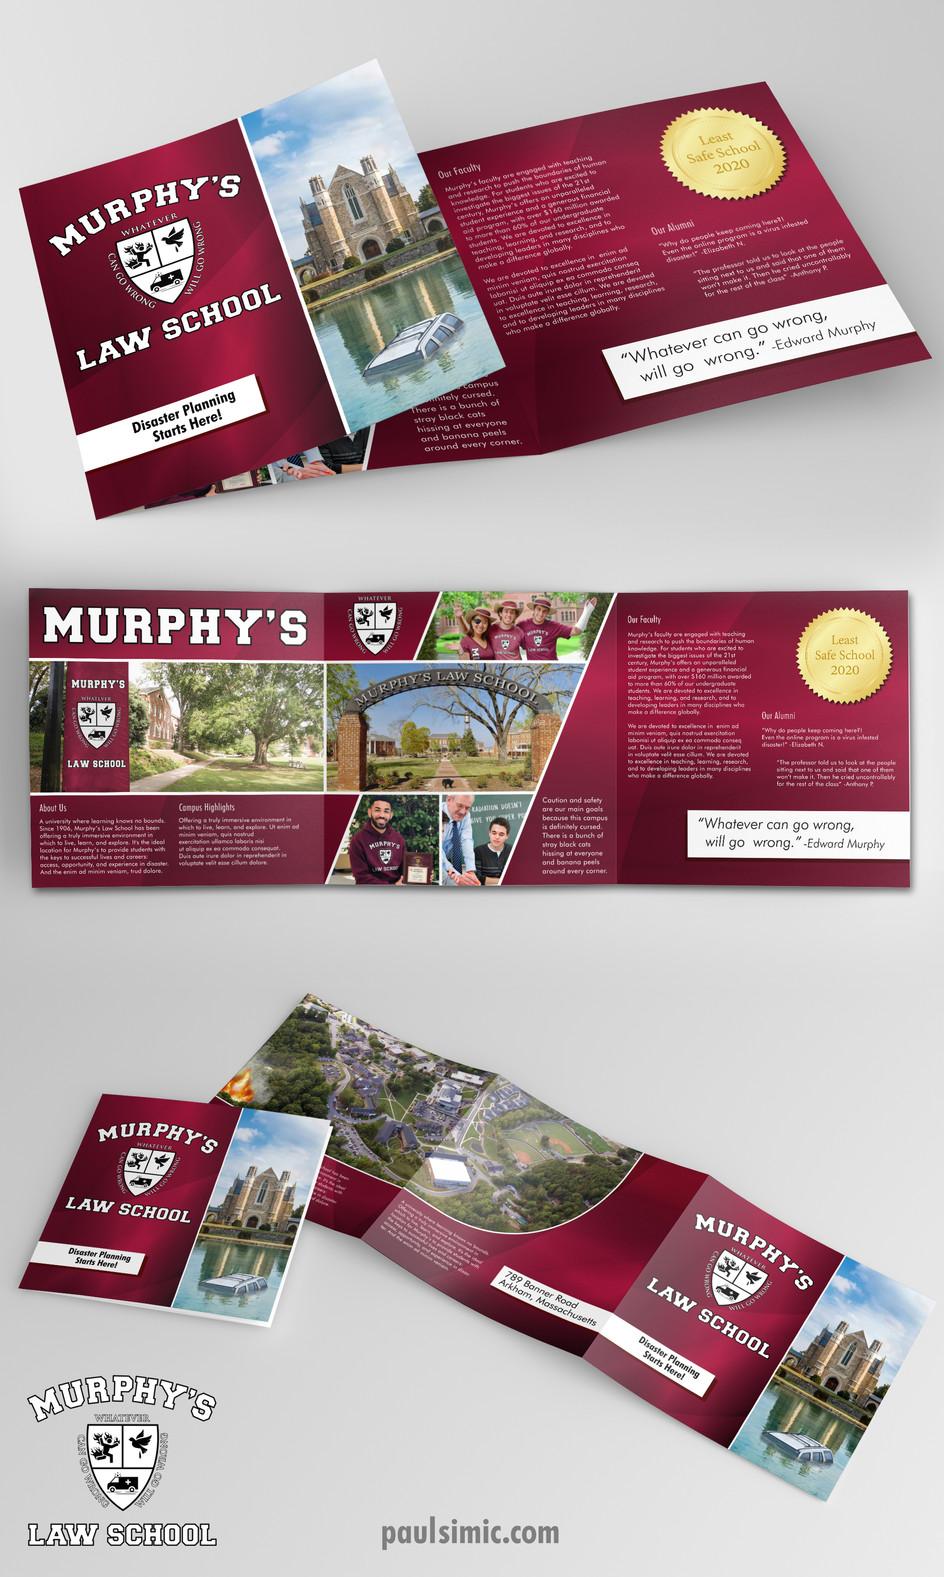 Murphy's-Law-School-Brochure-FULL.jpg